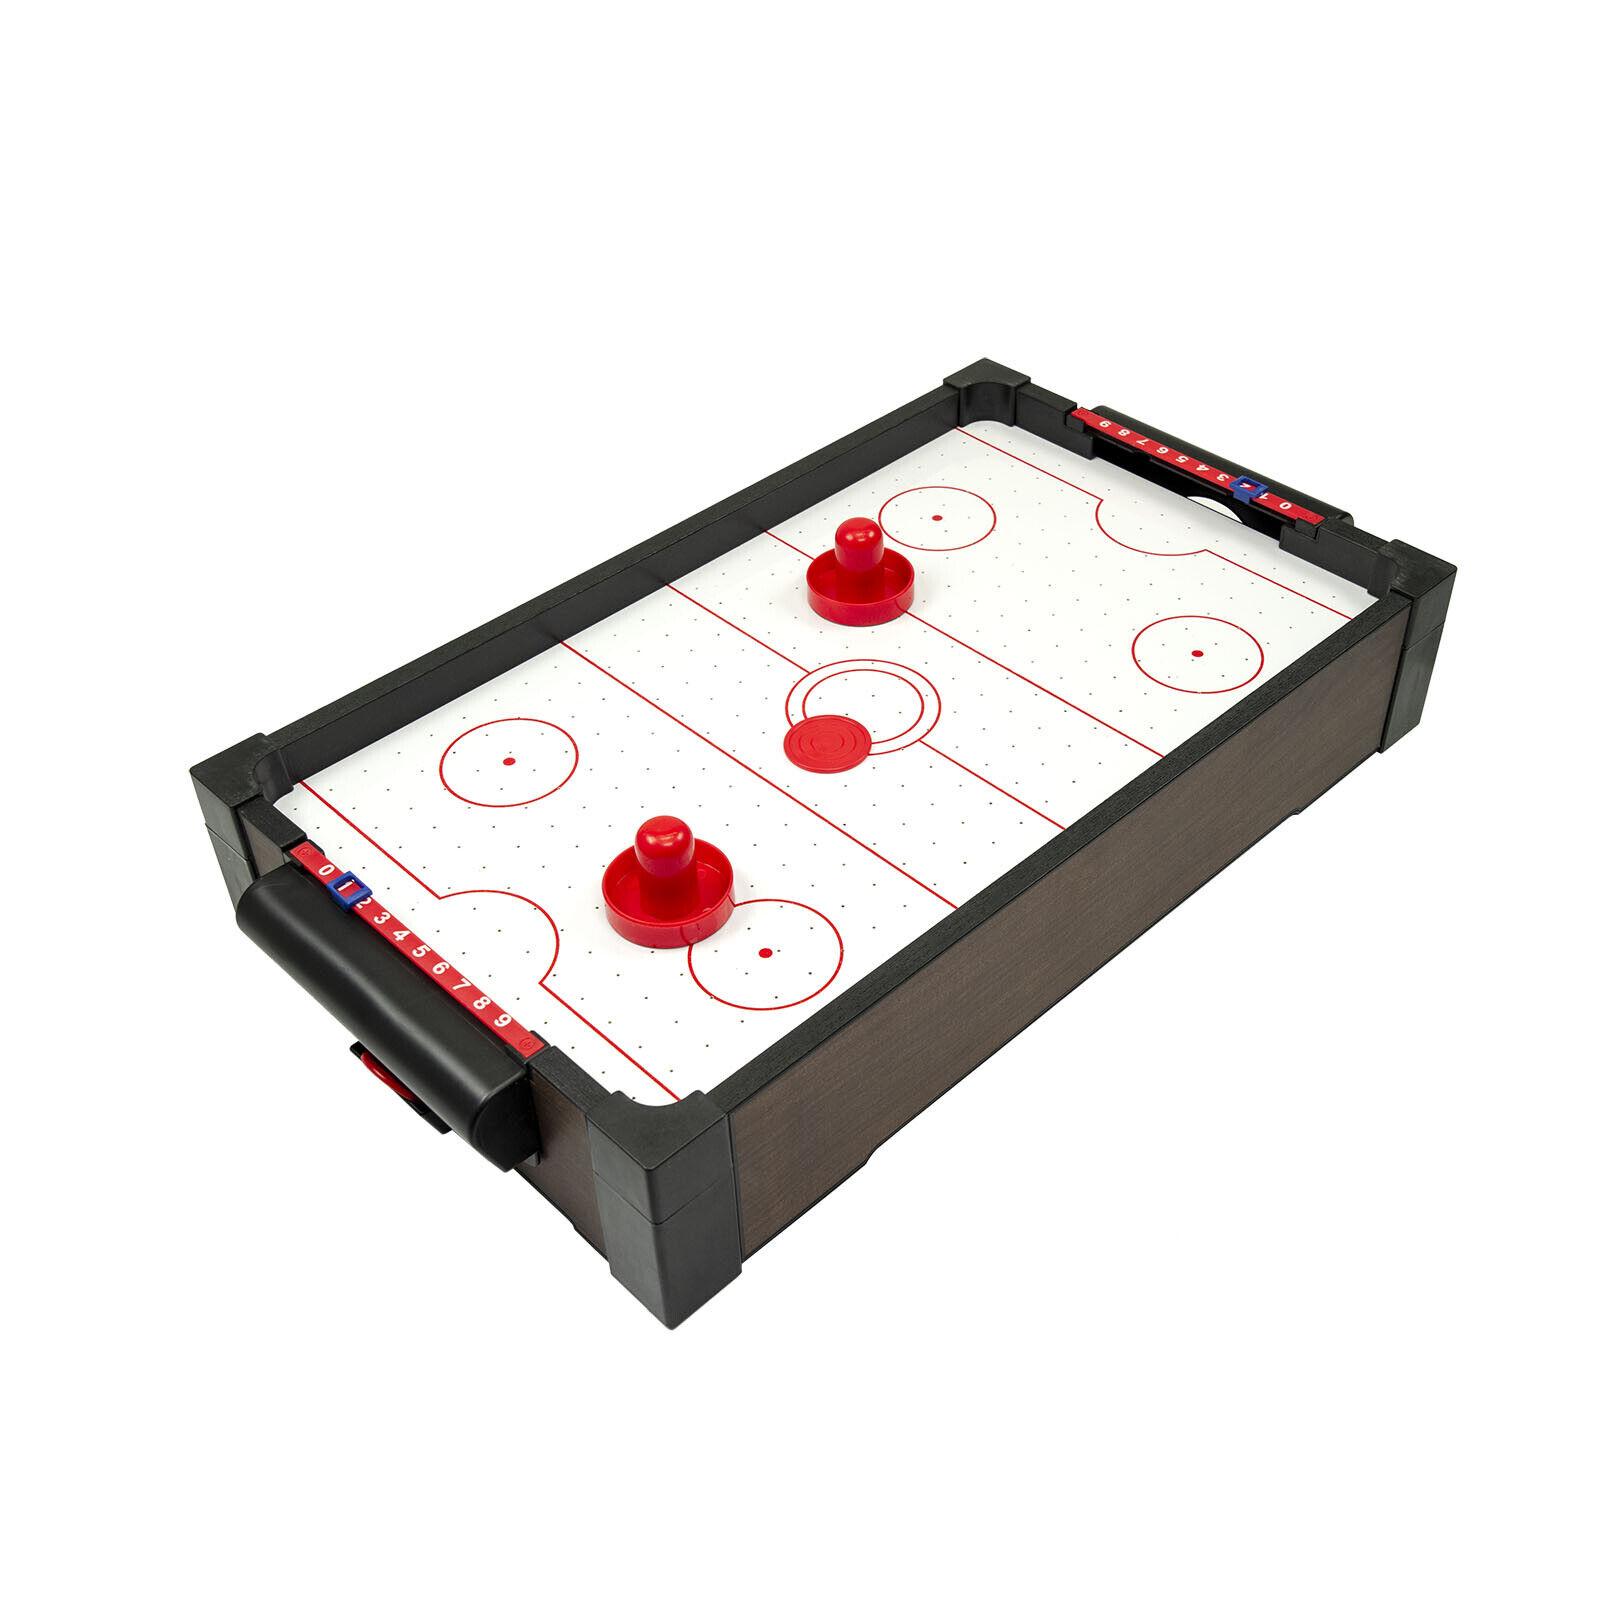 Mini Tisch Airhockey Tischhockey Lufthockey Party Spiel mit Batterien